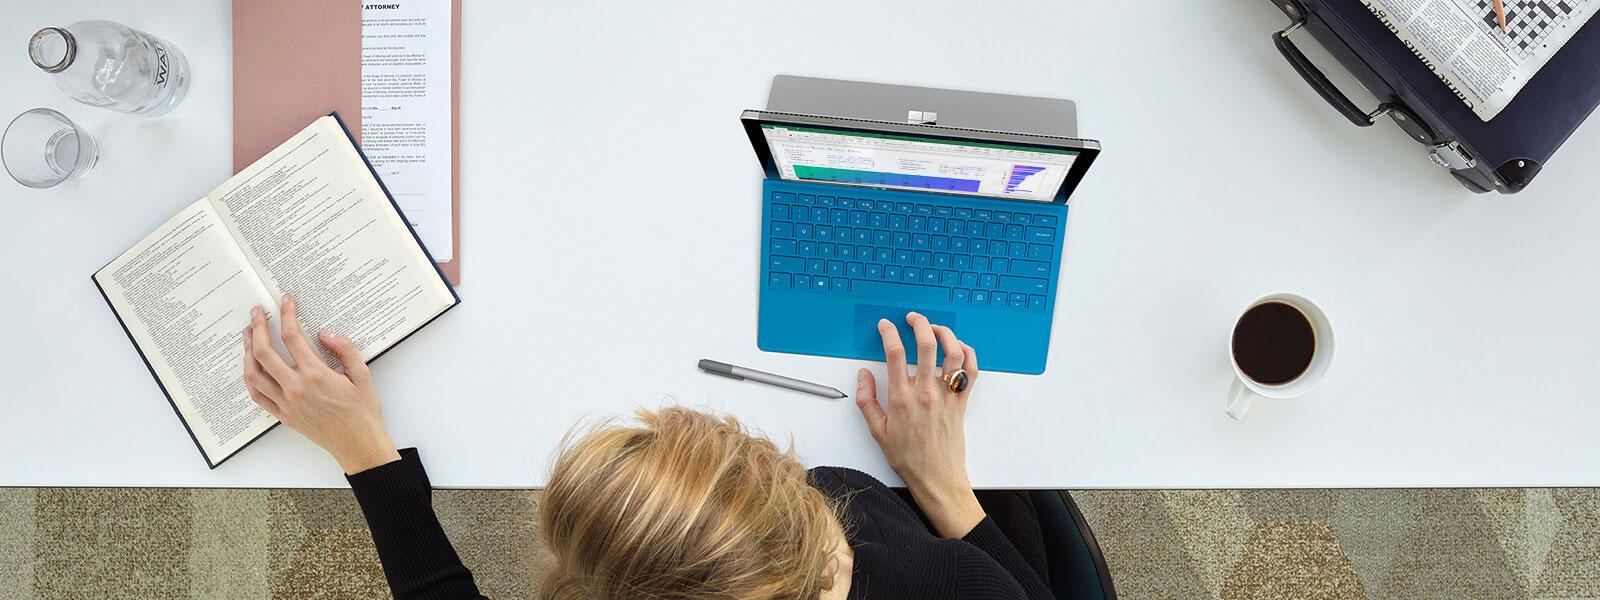 Widok z góry na kobietę piszącą na urządzeniu Surface Pro 4